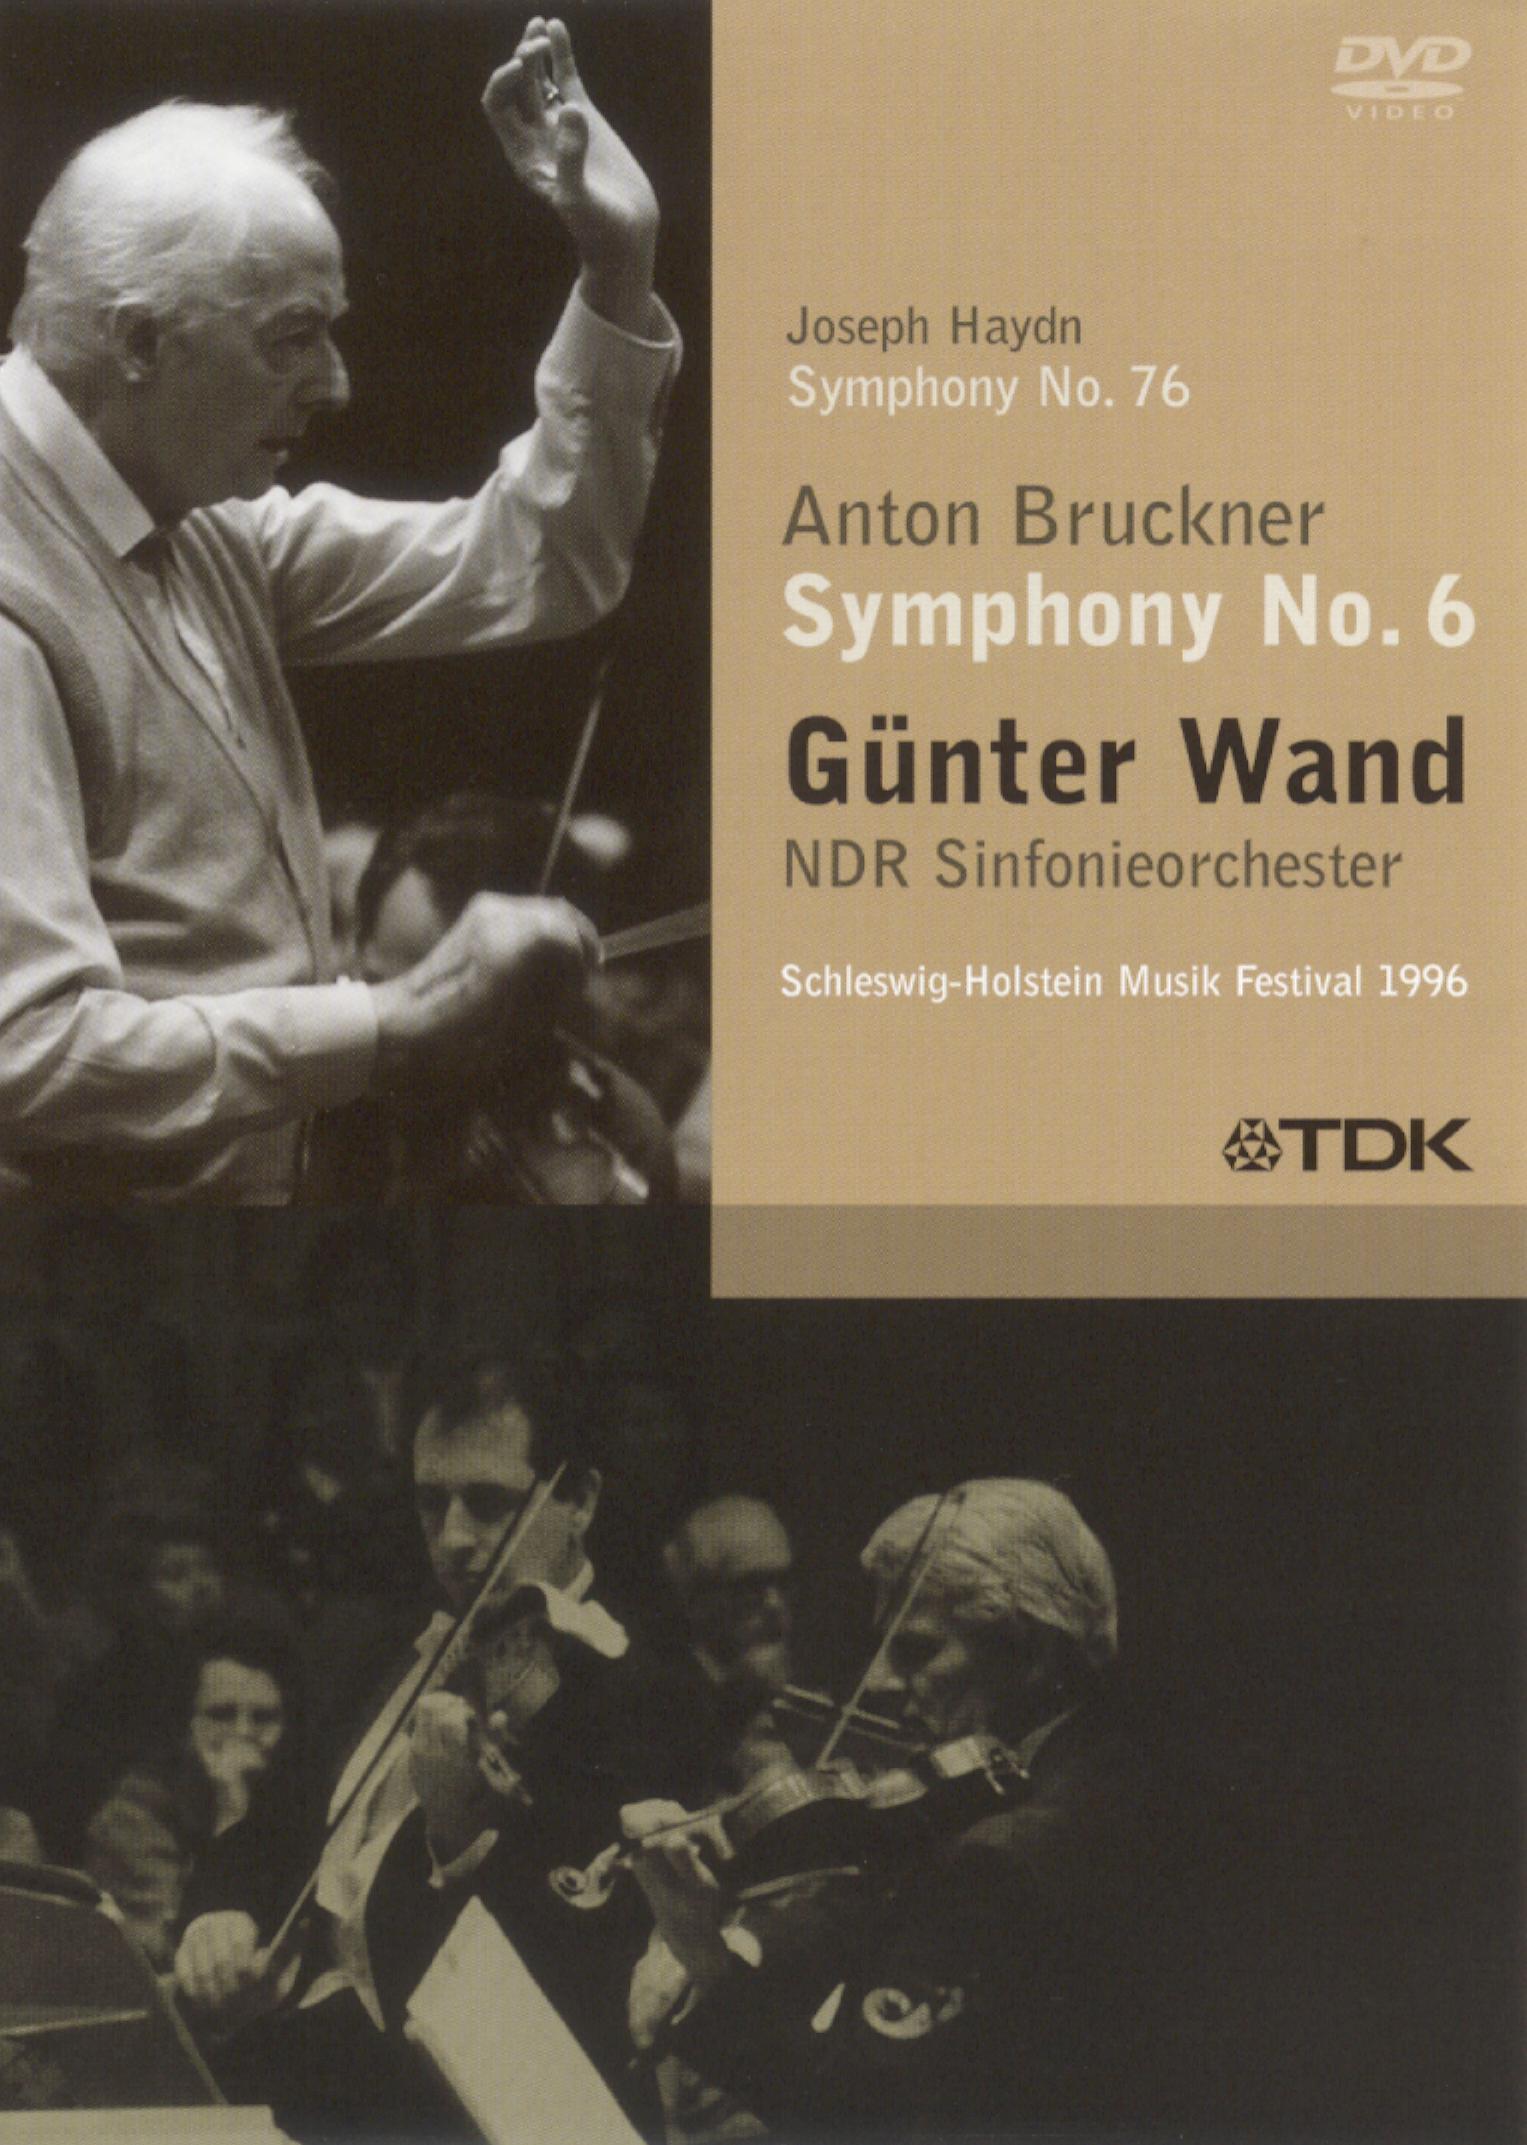 Günter Wand: Anton Bruckner - Symphony No. 6